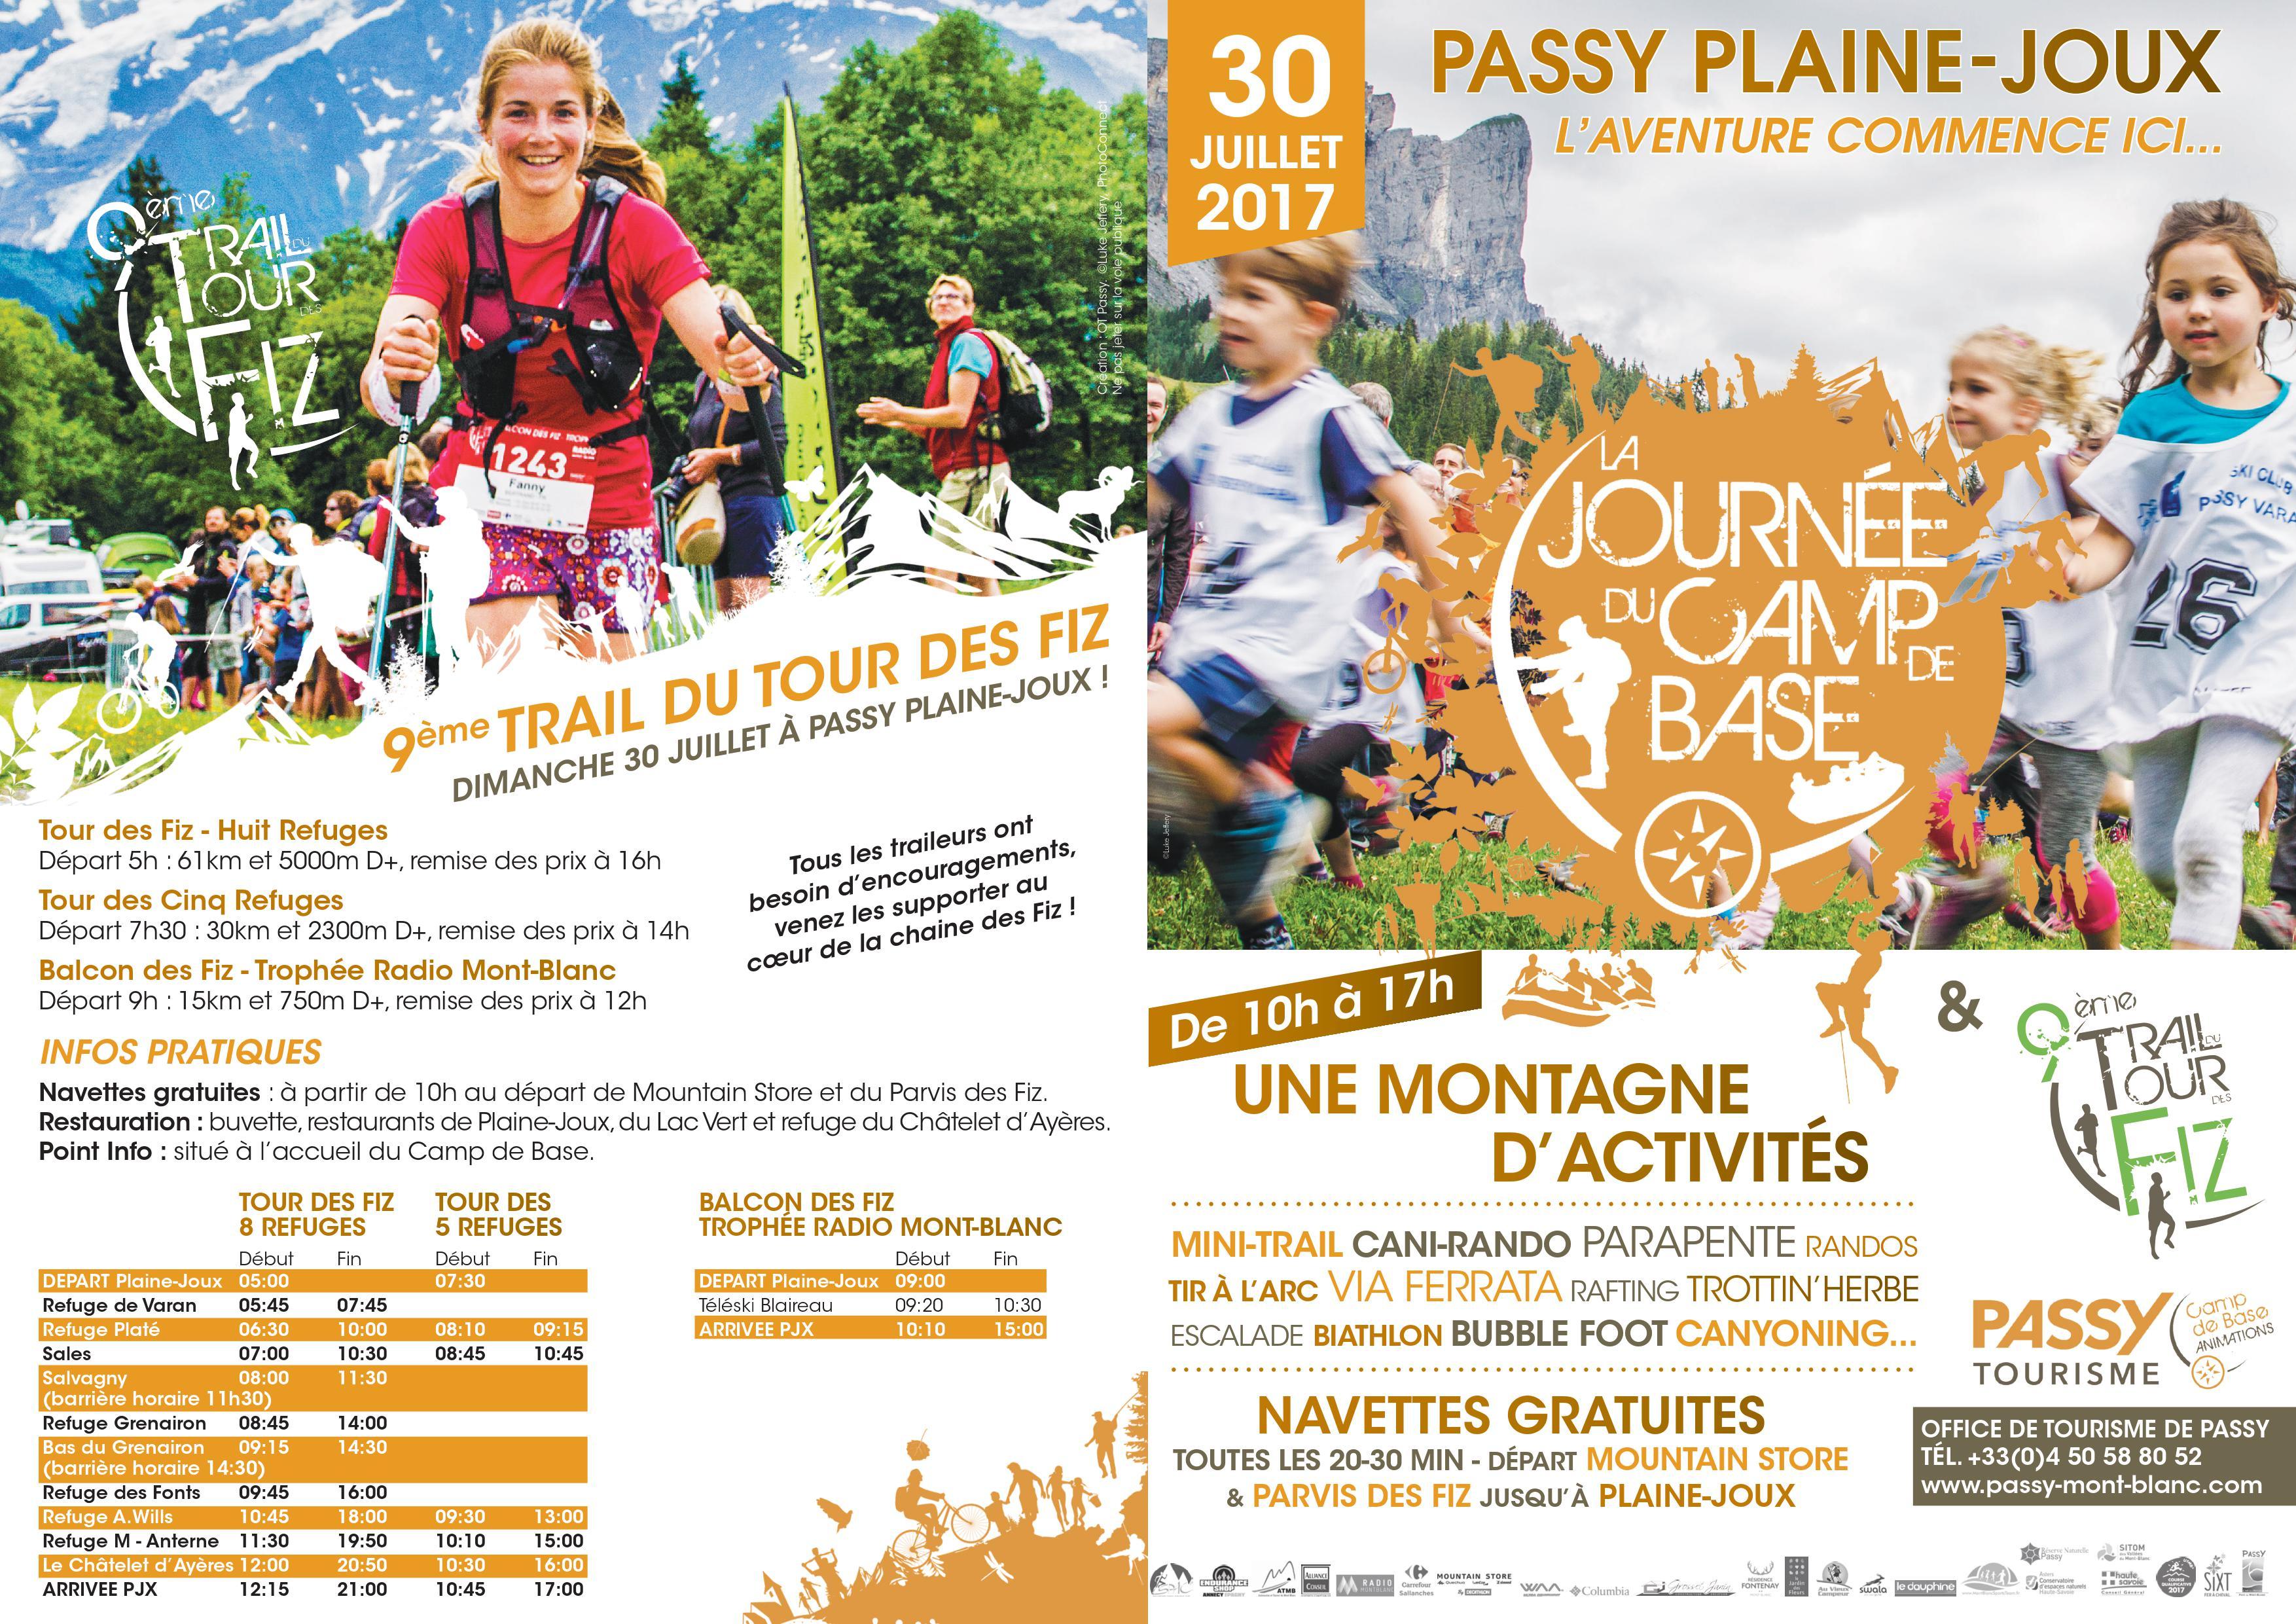 0001 10 - Journée du Camp de Base et 9ème Trail du Tour des Fiz 29/30-07-2017 : tout ce qu'il faut savoir !